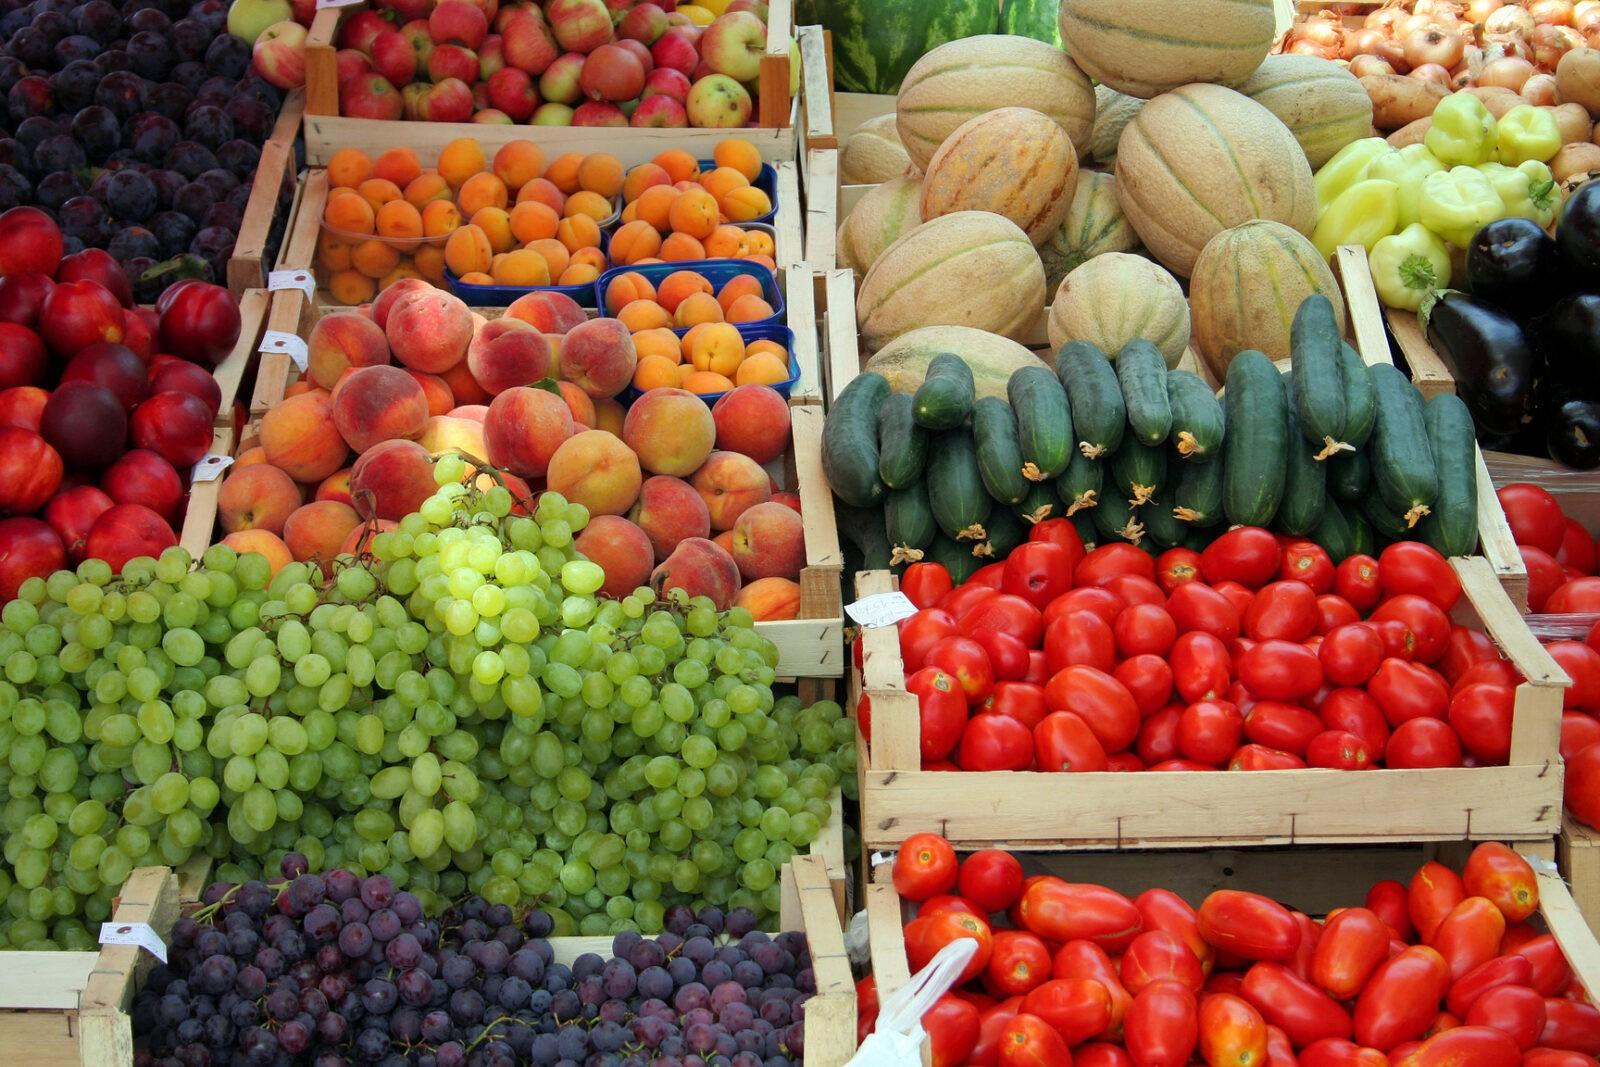 Узбекистан может вдвое увеличить поставки овощей и фруктов в Россию